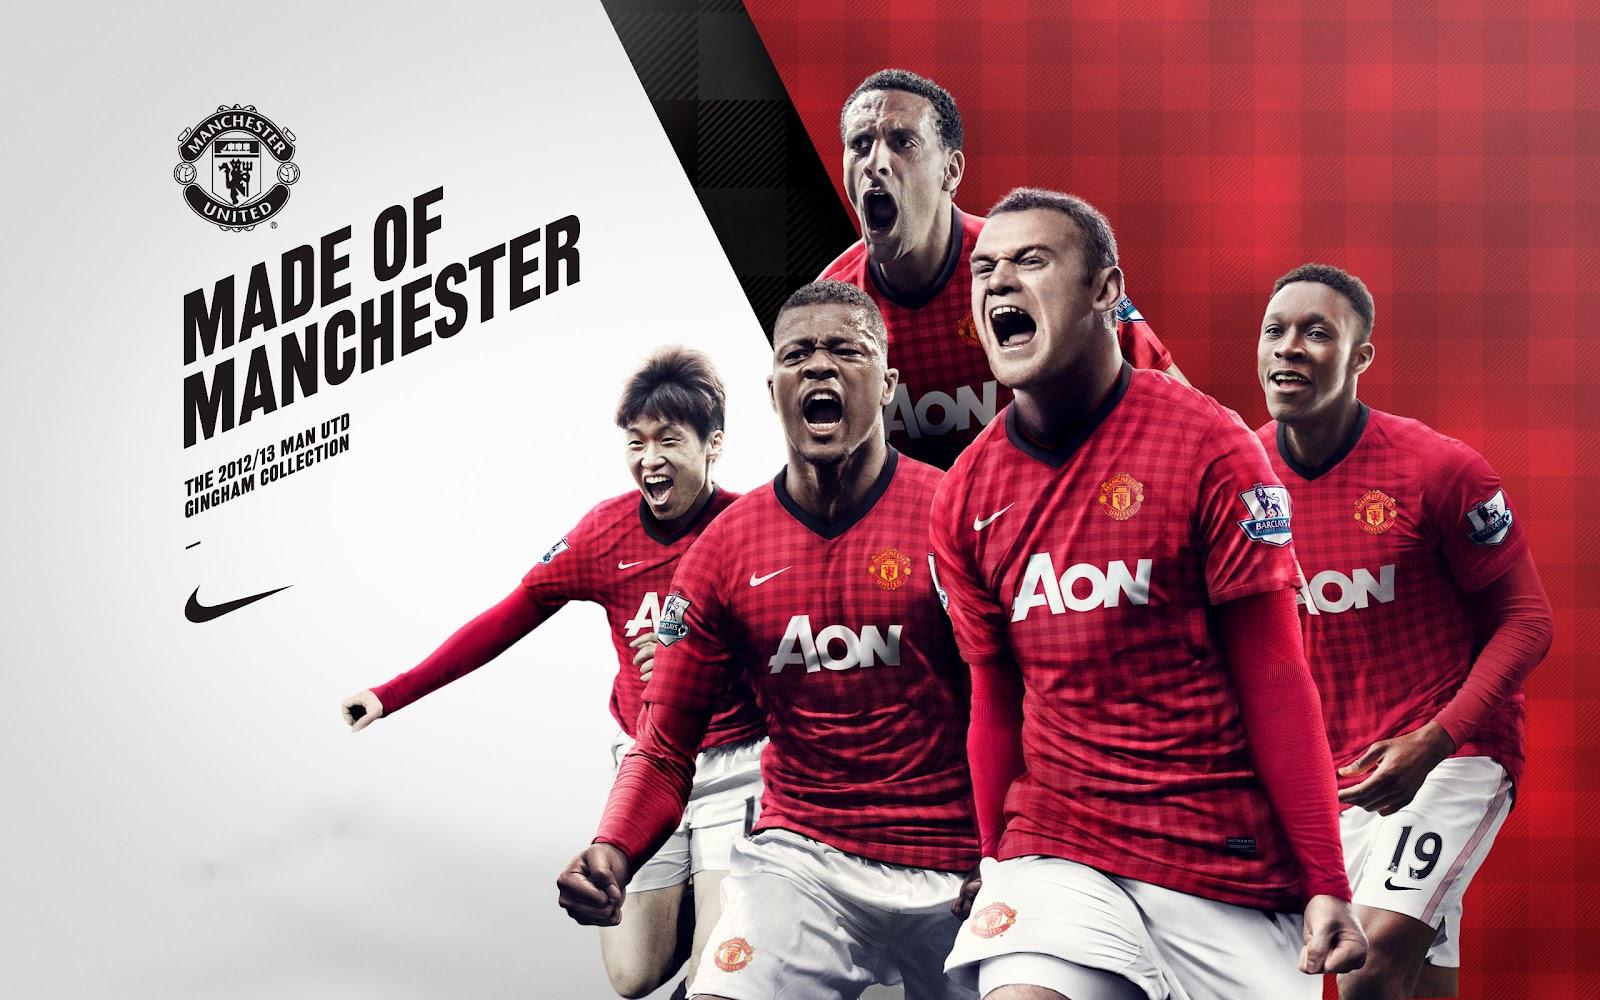 ffd8e31f977 Manchester United Wallpaper Nike - larmoric.com